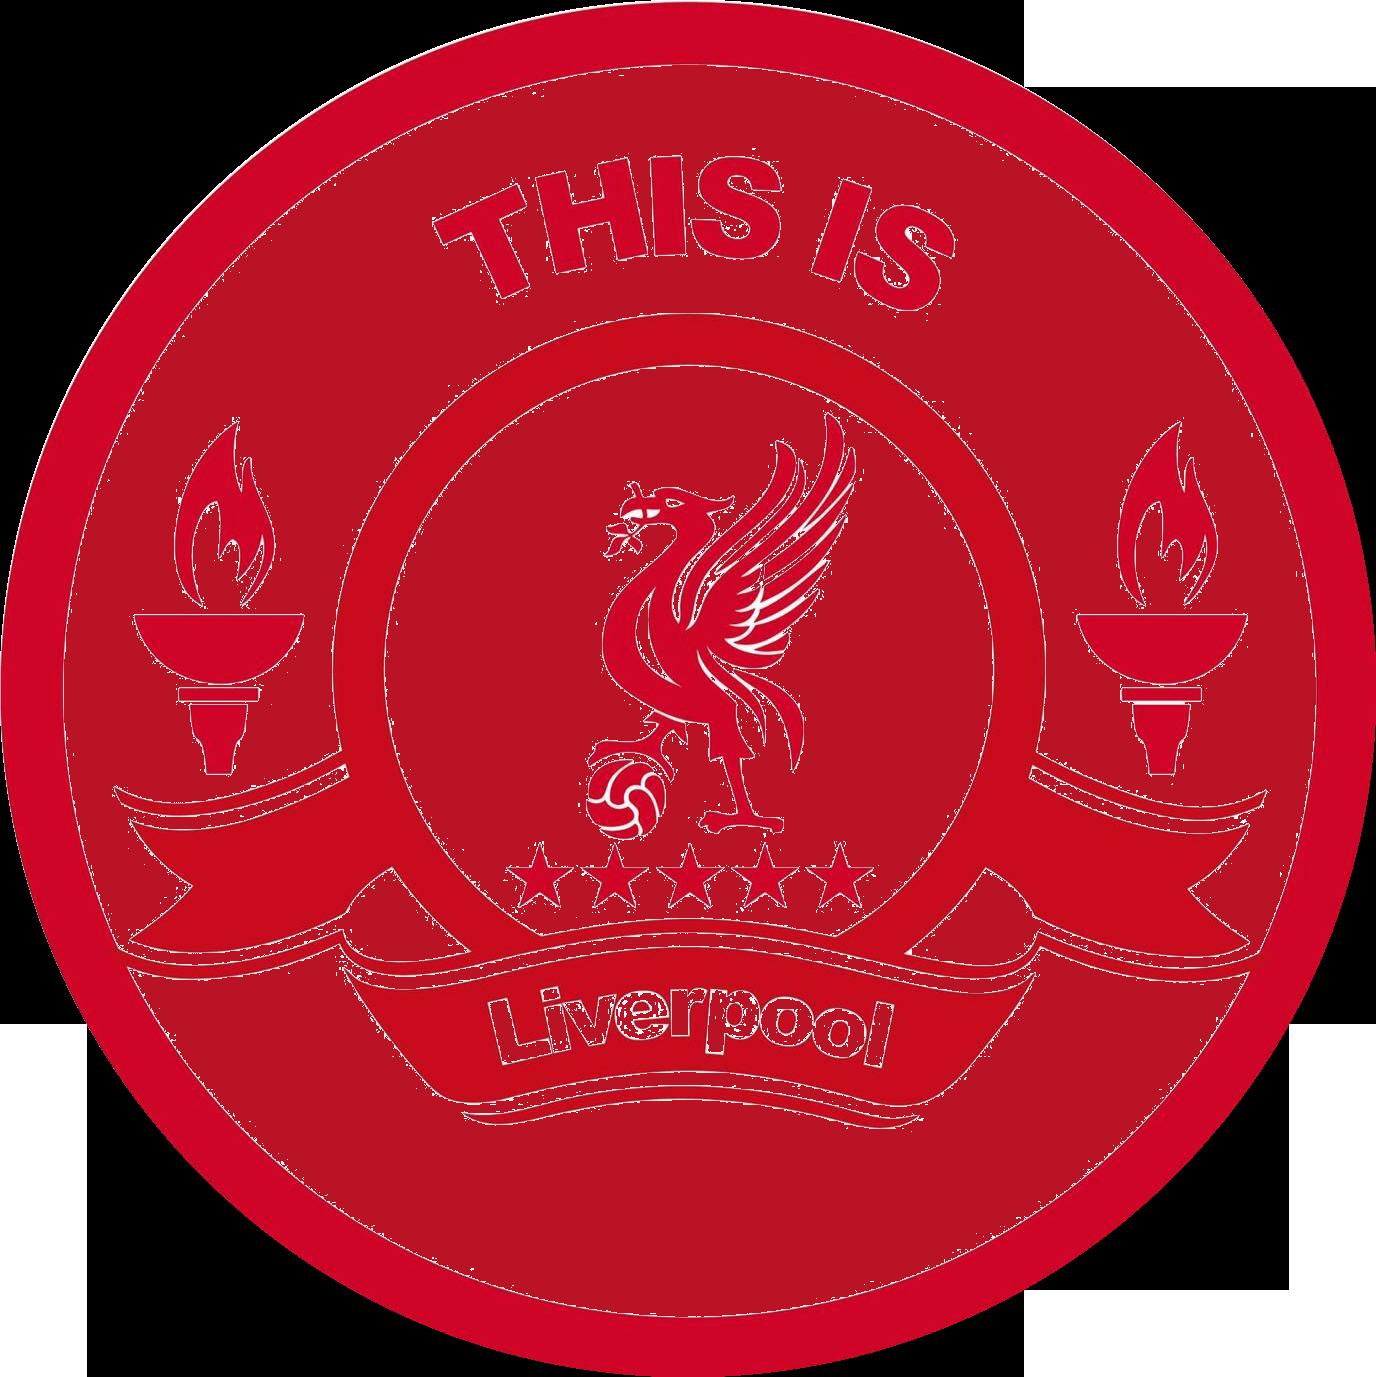 Liverpool Fc Png / Final Champions League 2019: Tottenham ...